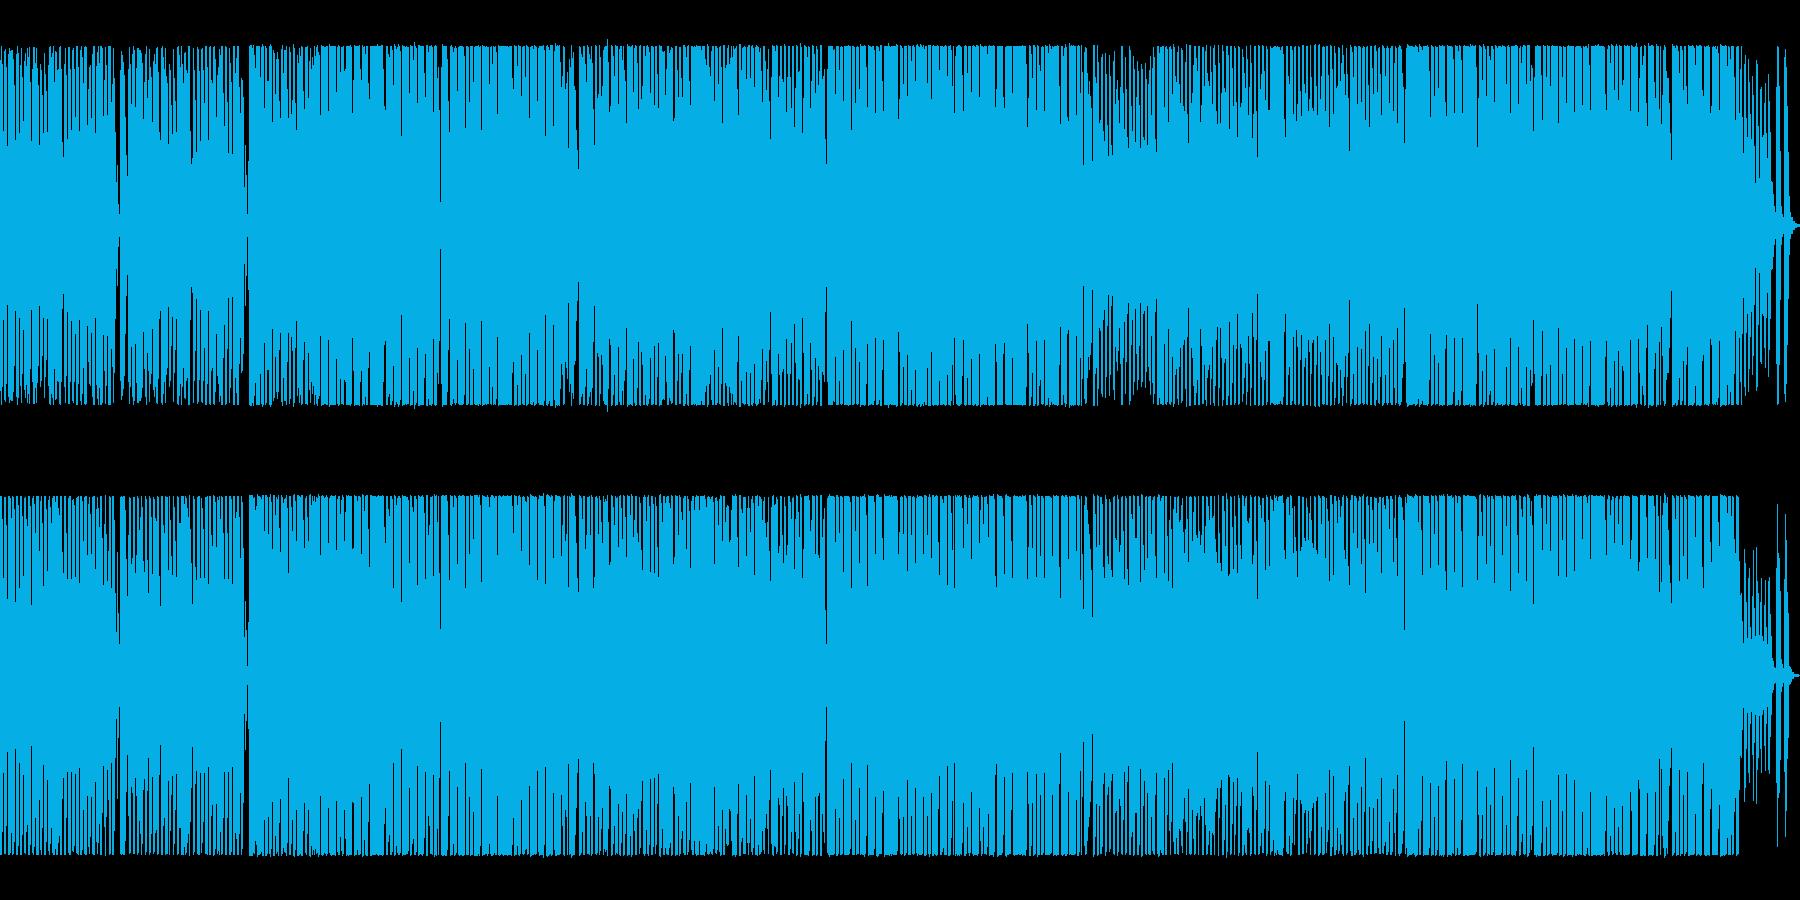 ポップで明るい「ジングルベル」♪の再生済みの波形